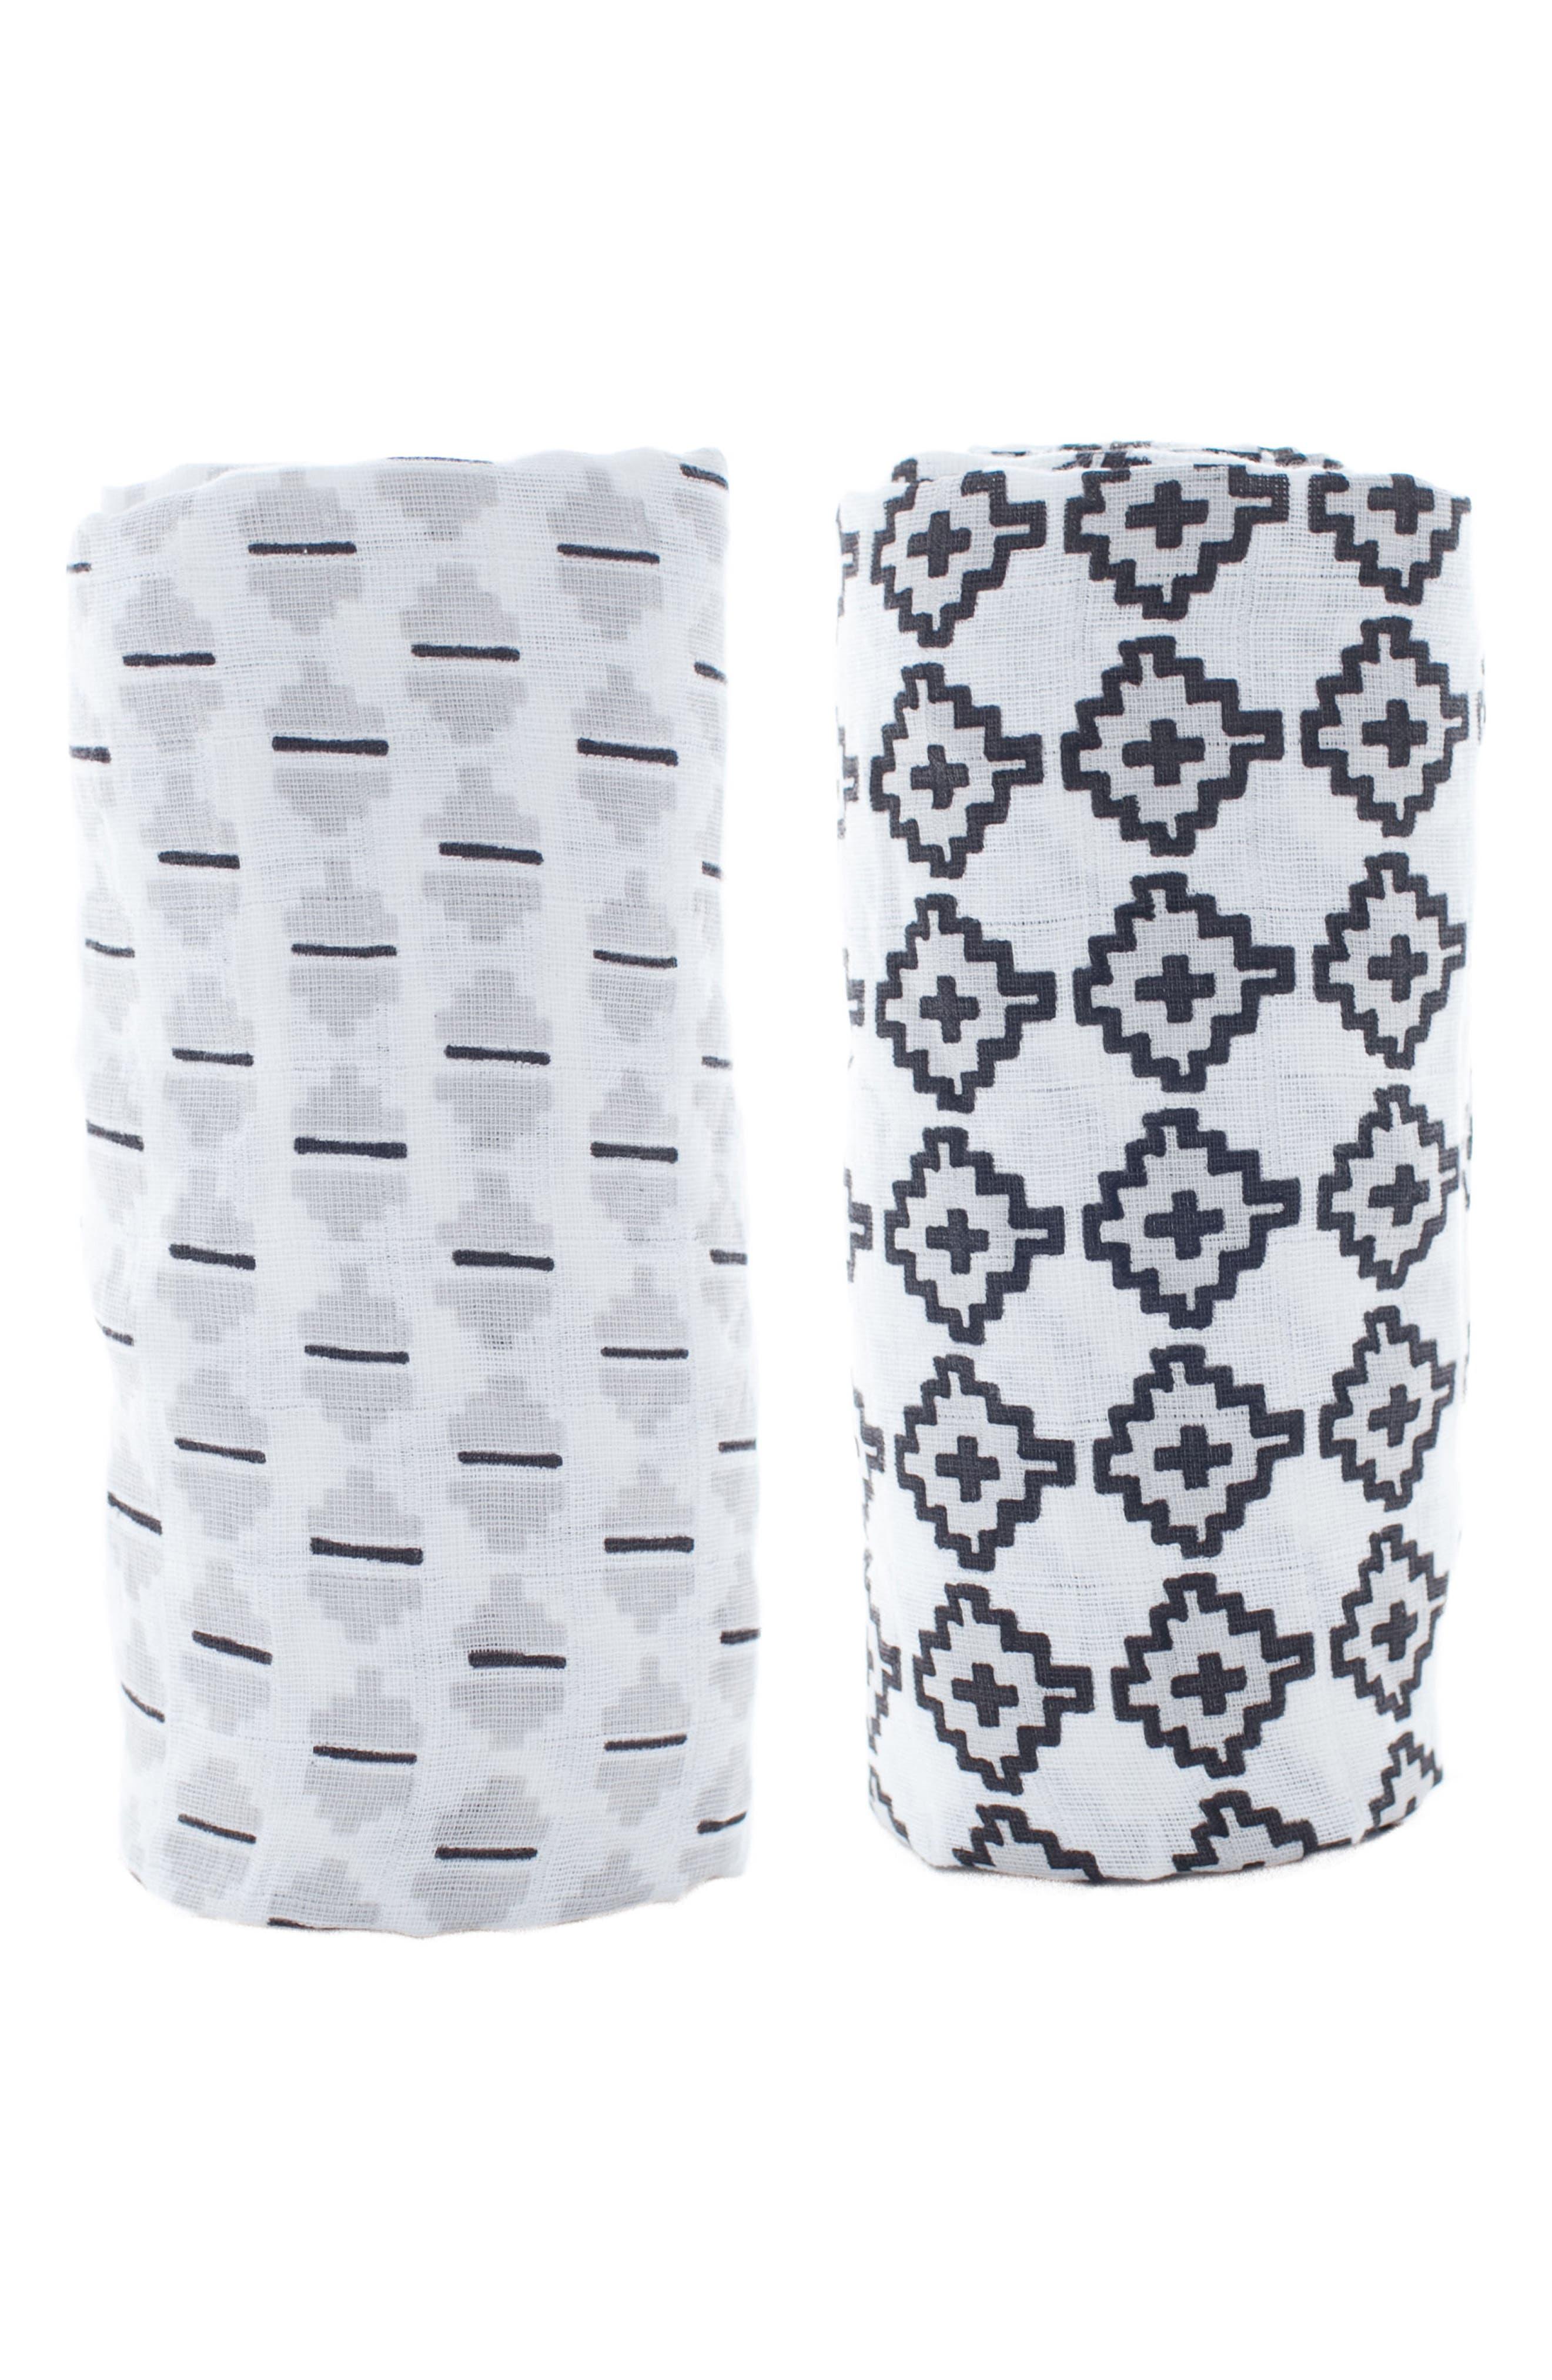 Lil Lemon by zestt Urban Geometry 2-Pack Organic Cotton Swaddle Blankets